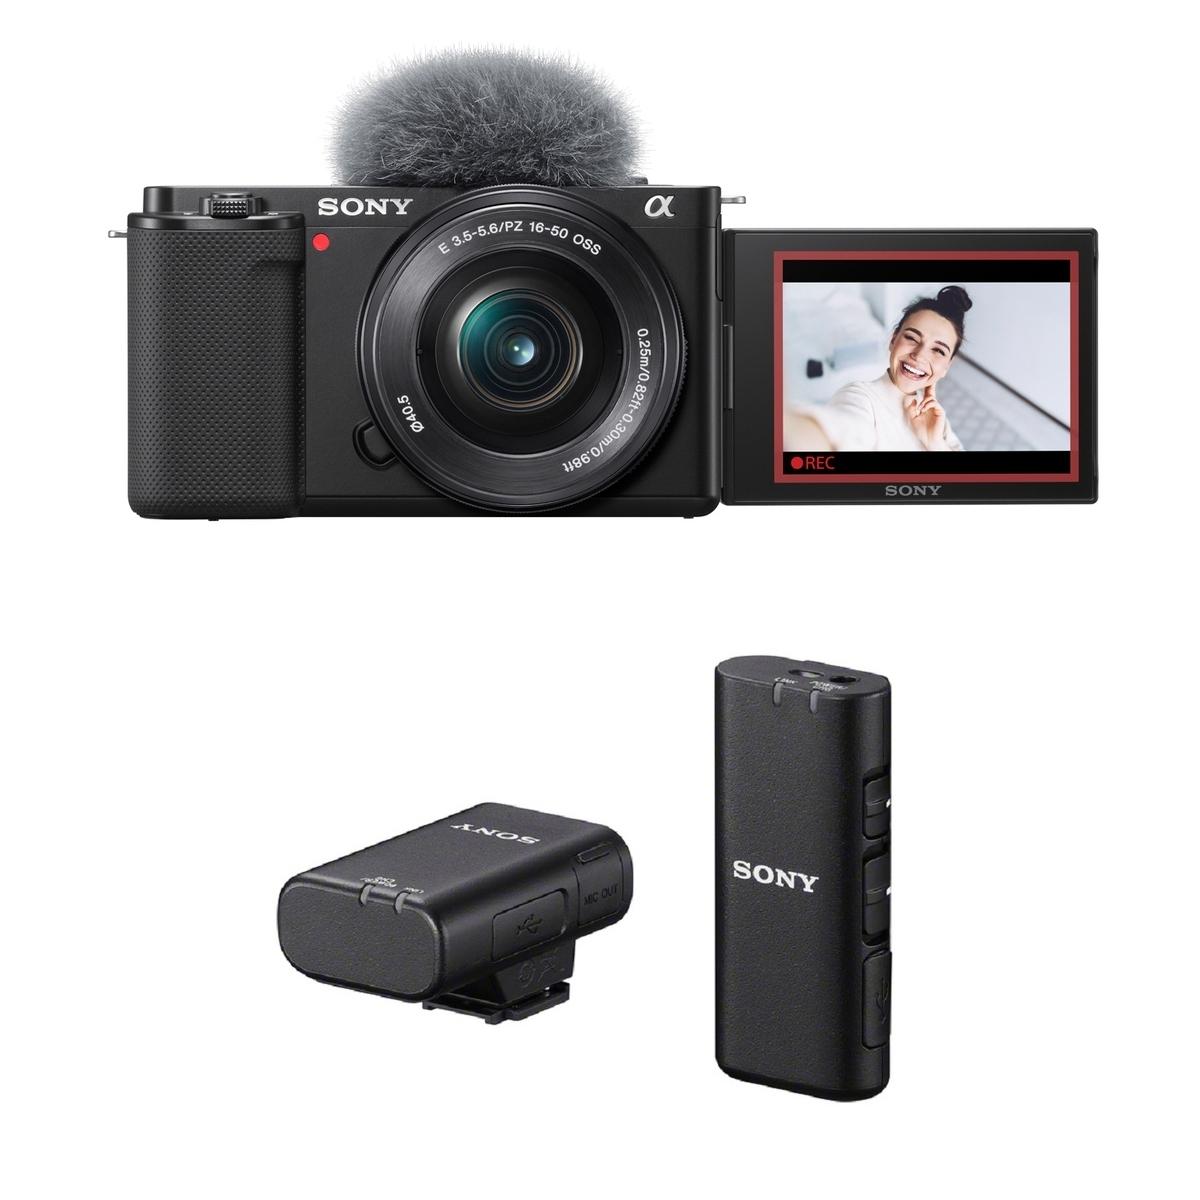 Sony Alpha ZV-E10 schwarz inkl. Sony E PZ 16-50mm 1:3,5-5,6 OSS + Sony ECM-W2BT Mikrofon + Sony GP-VPT2BT Handgriff